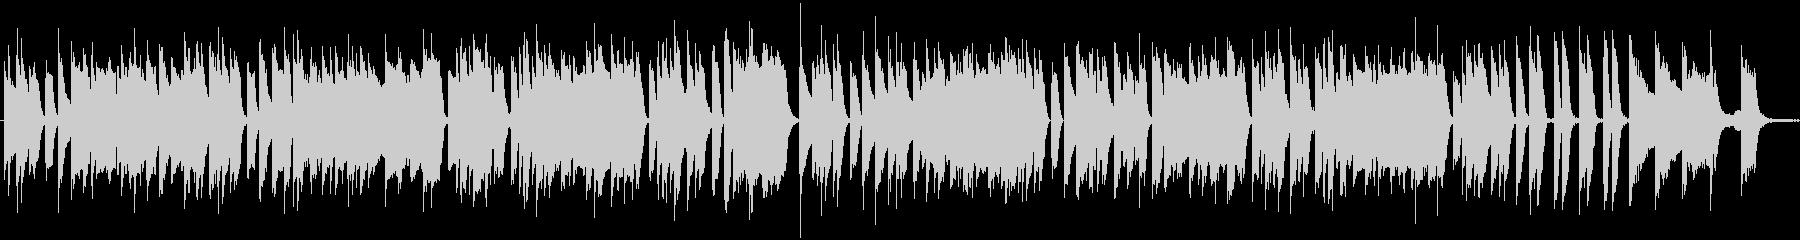 暢気で陽気なラグタイム・ピアノソロの未再生の波形